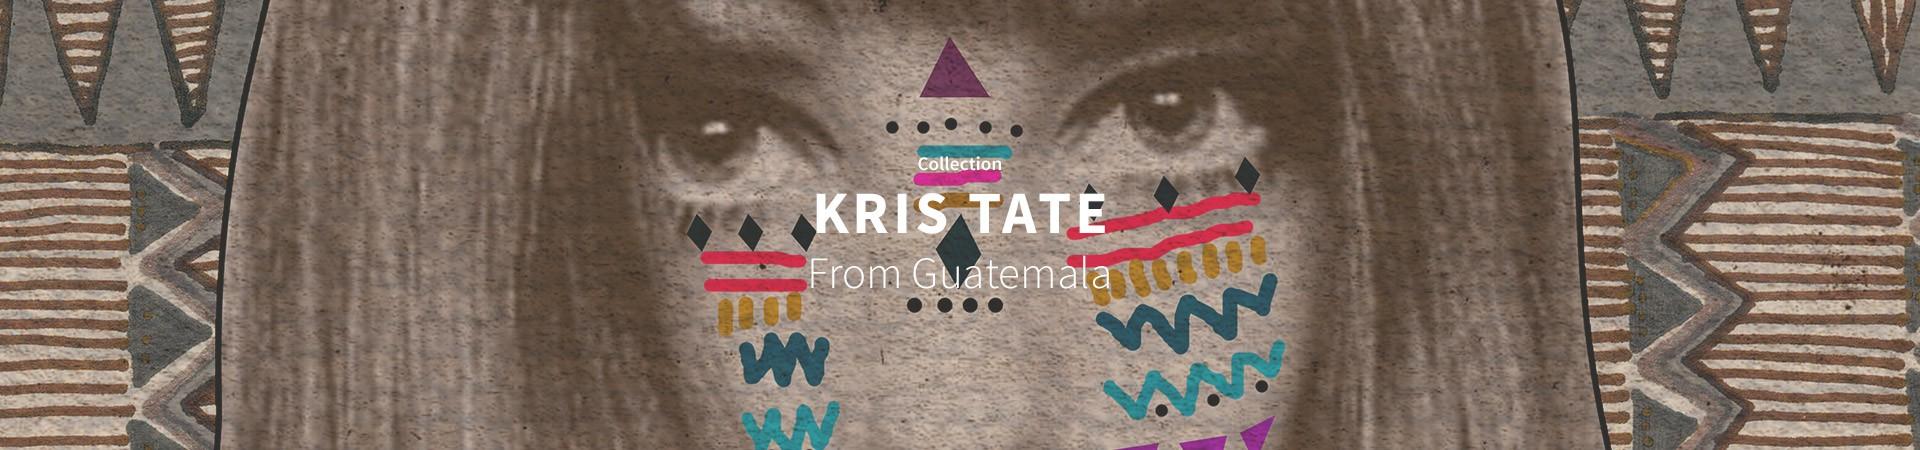 Kris Tate